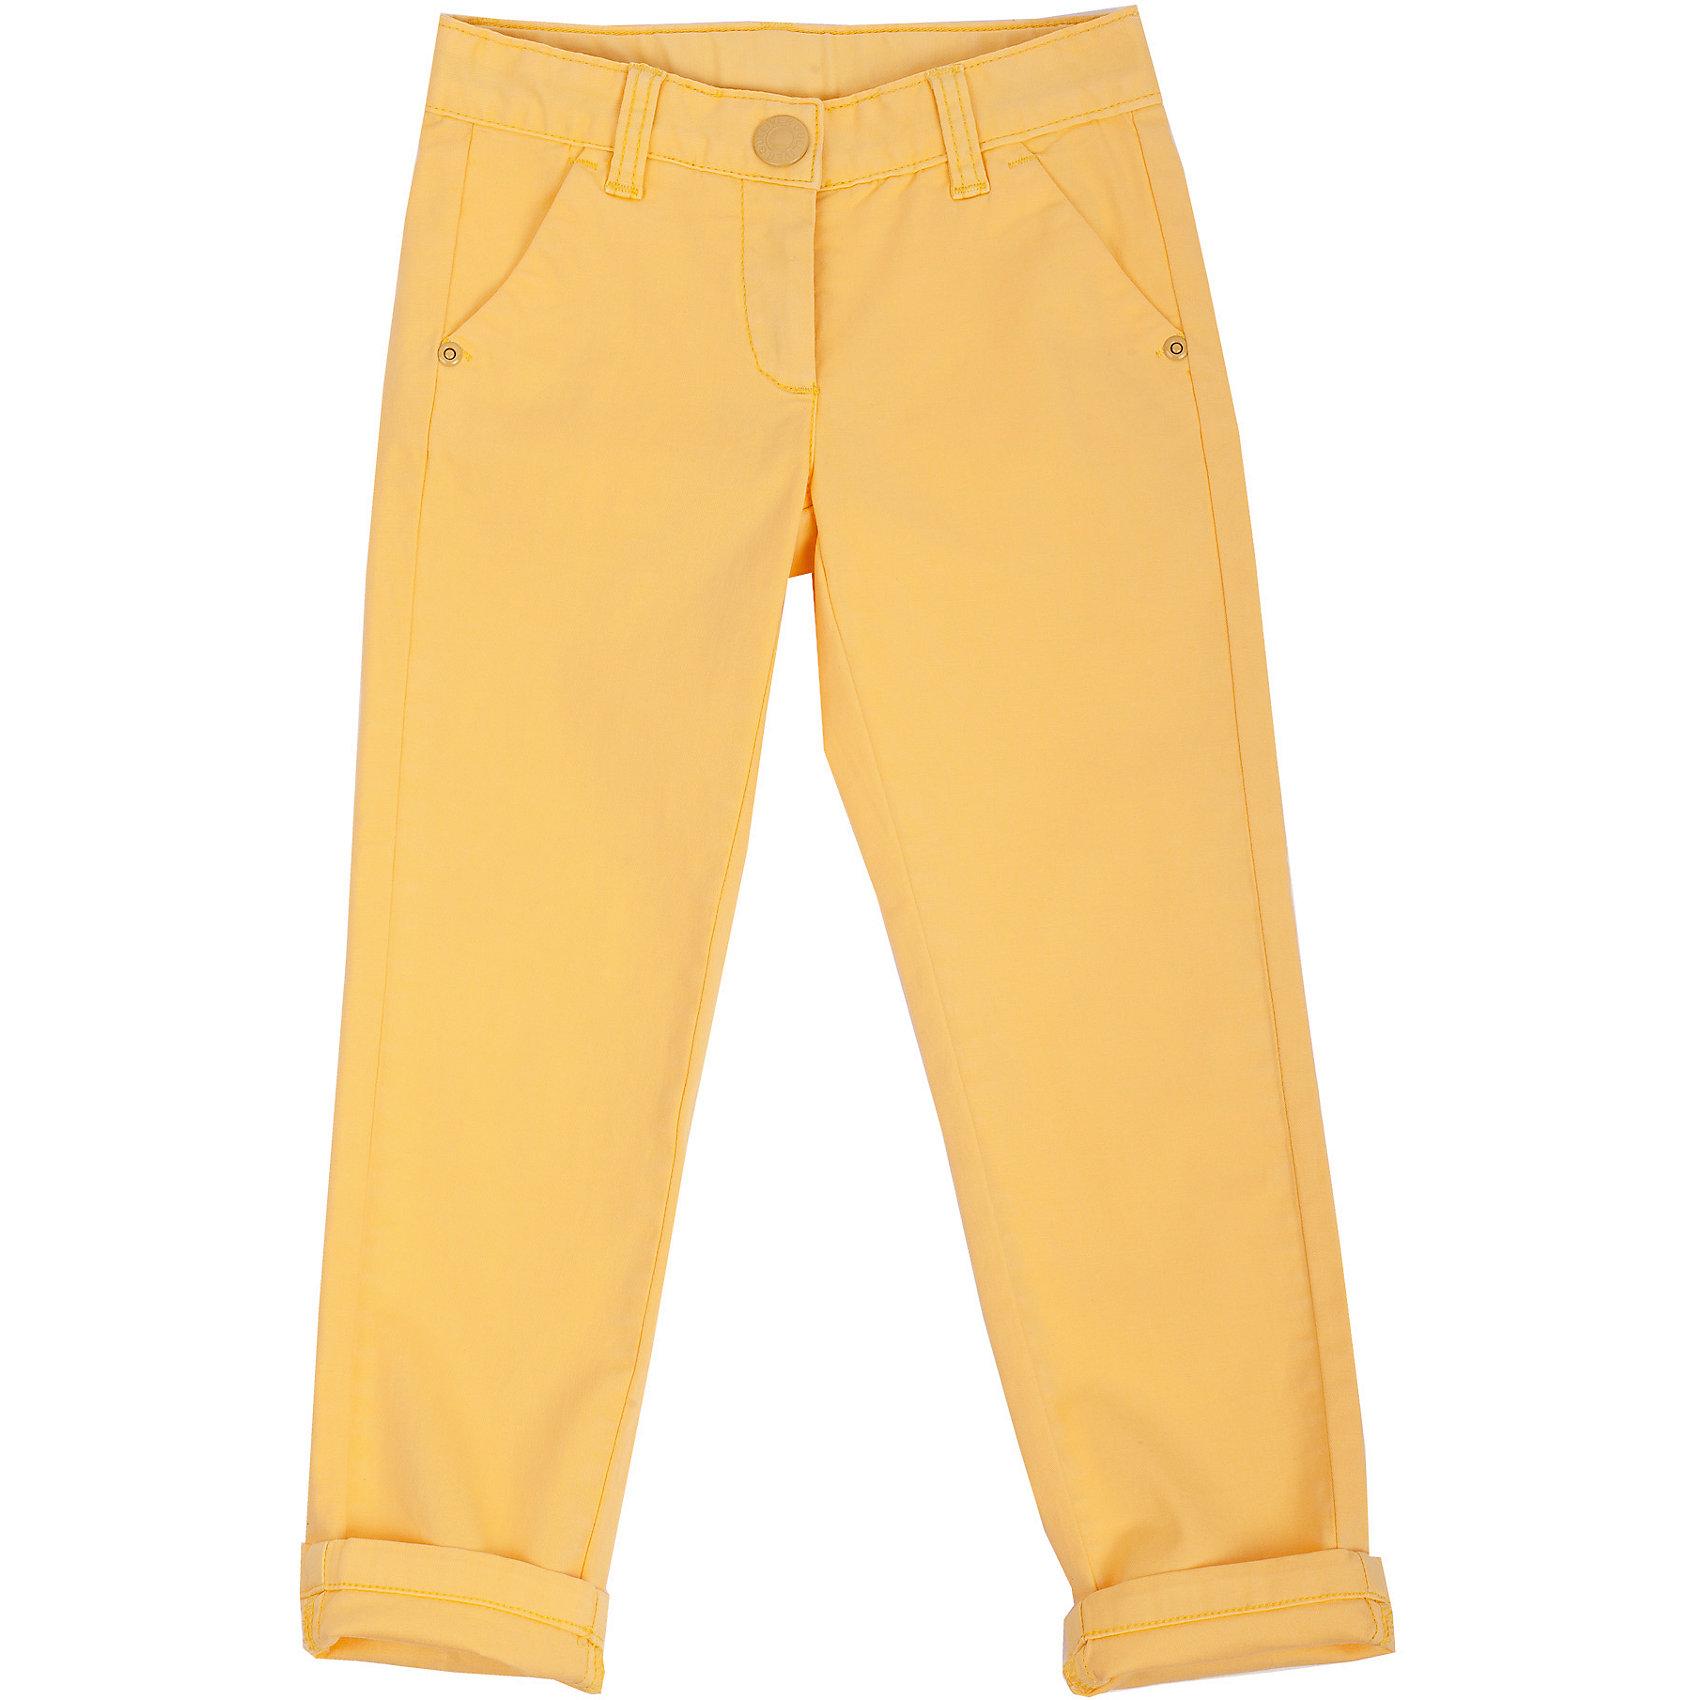 Брюки для девочки GulliverМодные брюки – незаменимая часть гардероба девочки. Выполненные из хлопка с эластаном, они сделают каждый день солнечным и комфортным! Если вы решили купить брюки, обратите внимание именно на эту модель! Яркий цвет, мягкость и удобство в носке позволят наслаждаться каждым летним днем. Желтые брюки для девочки - превосходный акцент модного весенне-летнего образа. С любым однотонным или орнаментальным верхом из коллекции Голубая стрекоза они составят отличный комплект!<br>Состав:<br>98% хлопок      2% эластан<br><br>Ширина мм: 215<br>Глубина мм: 88<br>Высота мм: 191<br>Вес г: 336<br>Цвет: желтый<br>Возраст от месяцев: 36<br>Возраст до месяцев: 48<br>Пол: Женский<br>Возраст: Детский<br>Размер: 104,98,116,110<br>SKU: 4534647